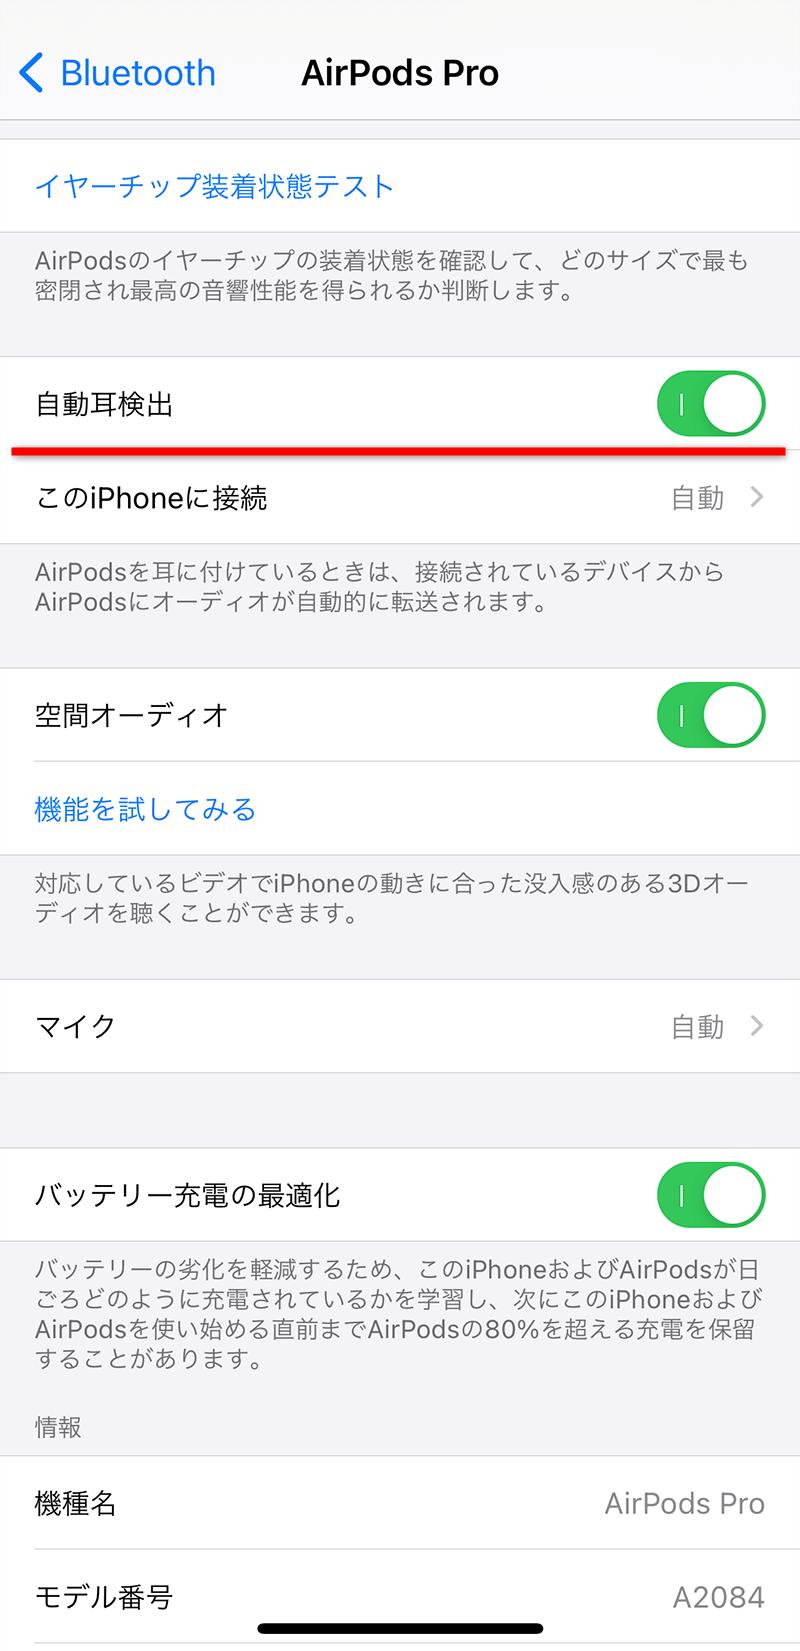 AirPods(エアーポッズ)の使い方。iPhoneとの接続や設定、カスタマイズ方法まで解説